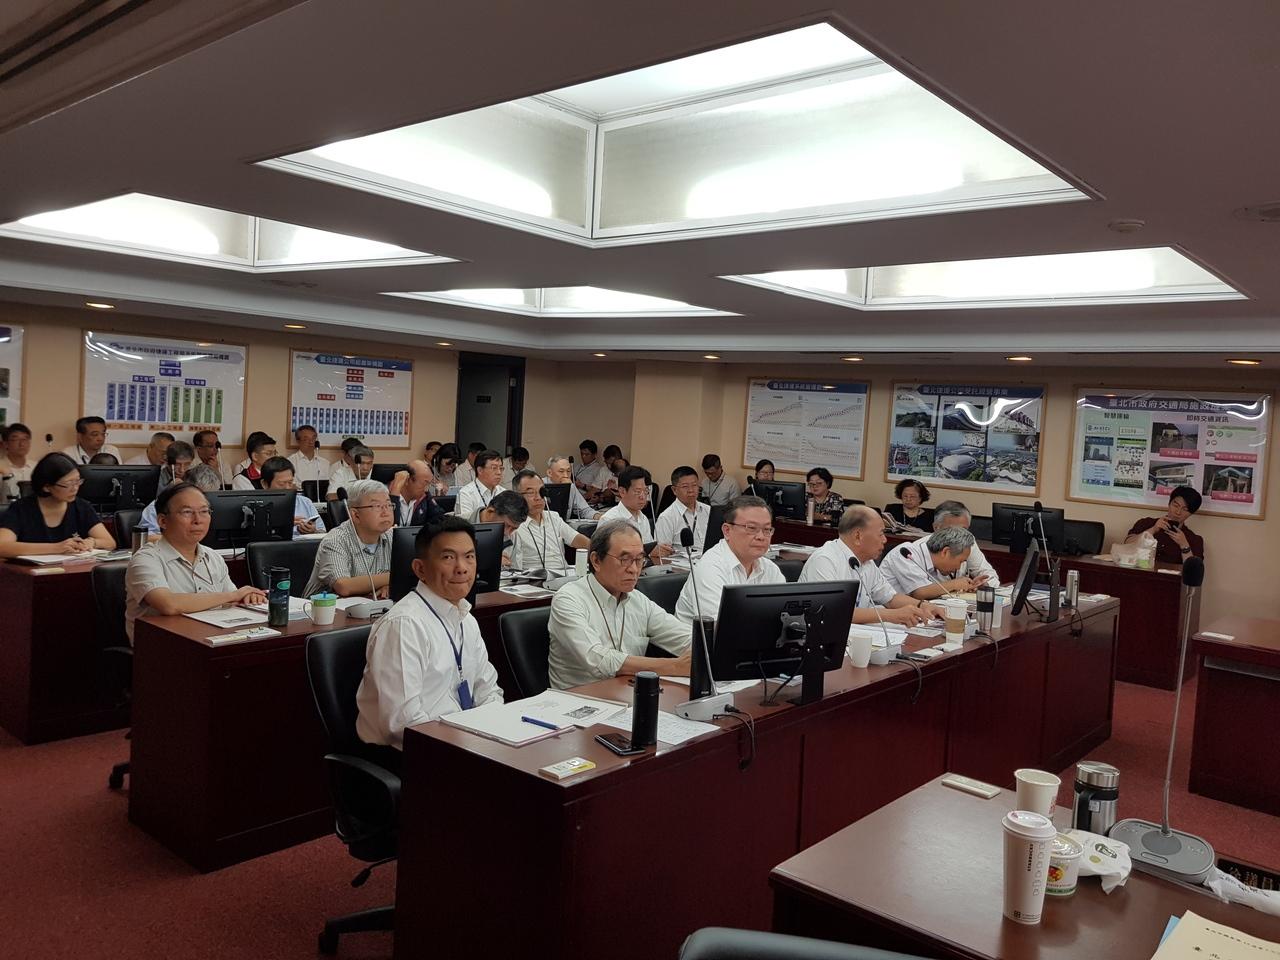 台北市議會今天舉行交通委員會,由捷運局、捷運公司進行工作報告。記者翁浩然/攝影